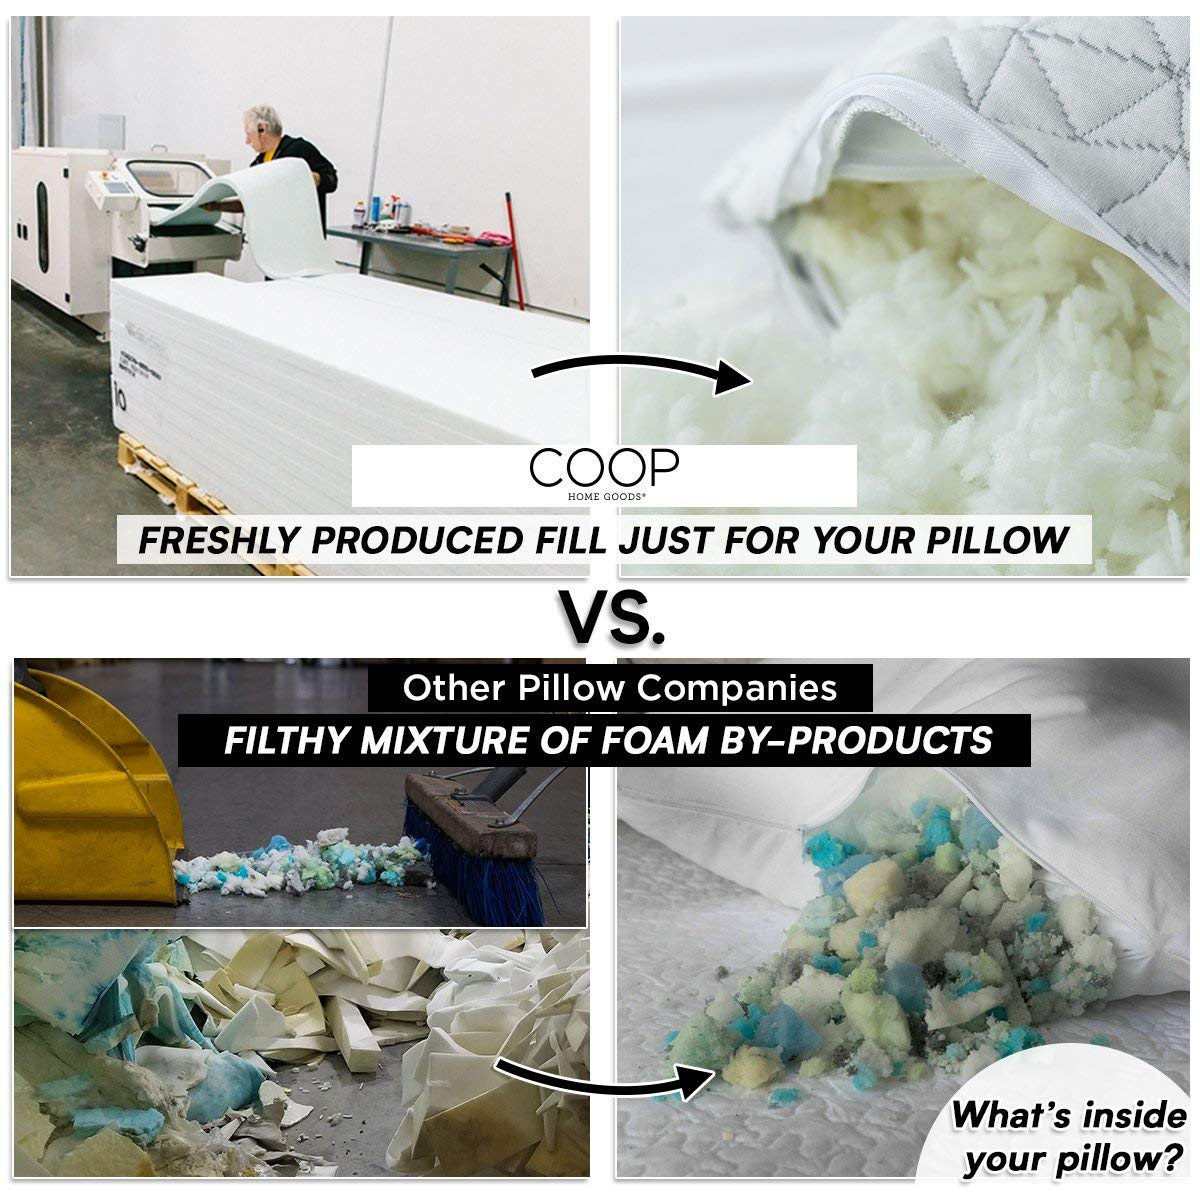 coop home goods premium adjustable